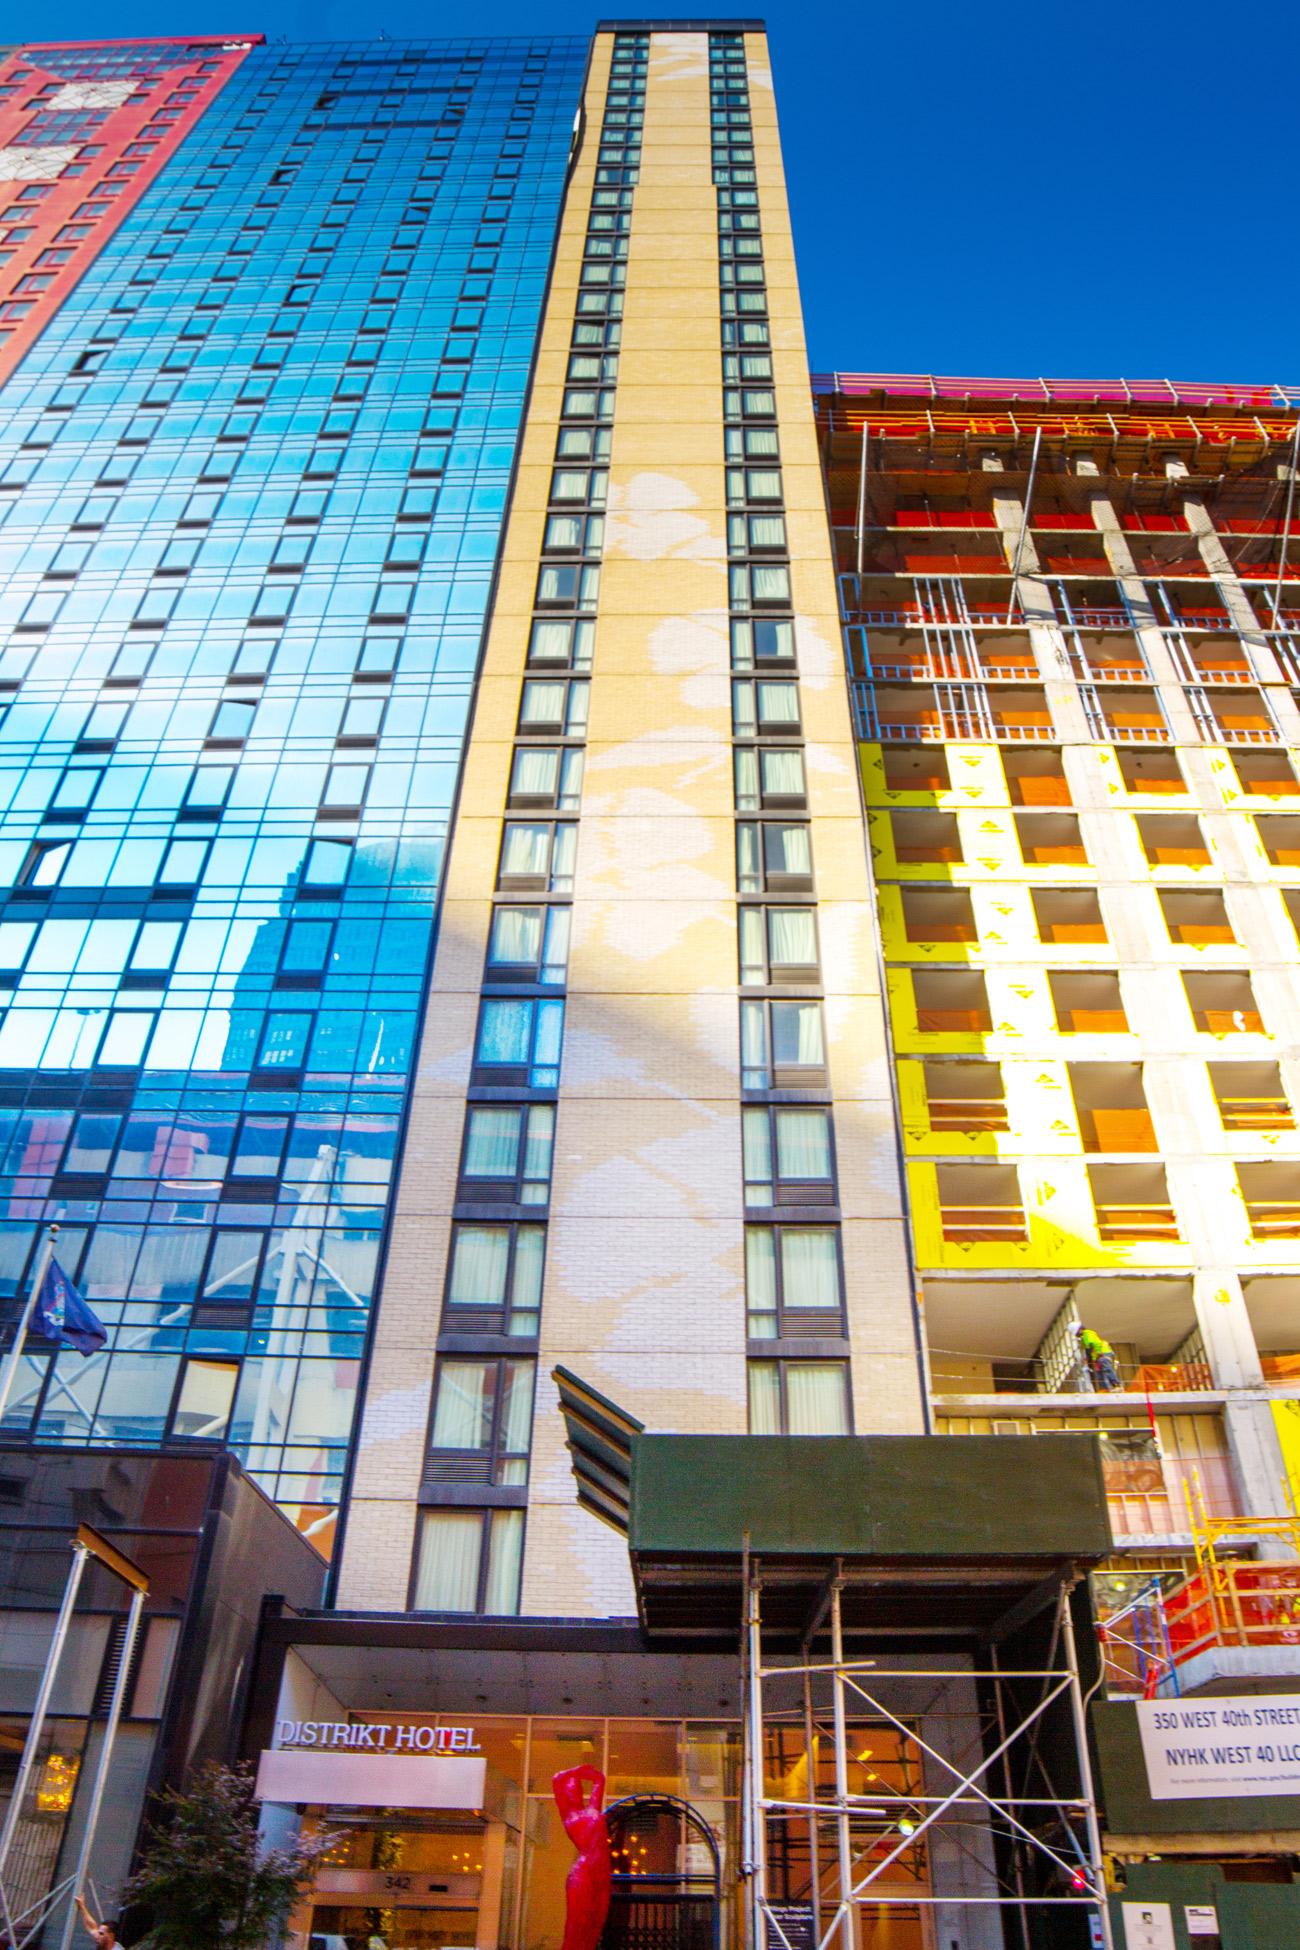 Distrikt Hotel: 342 W. 40th St